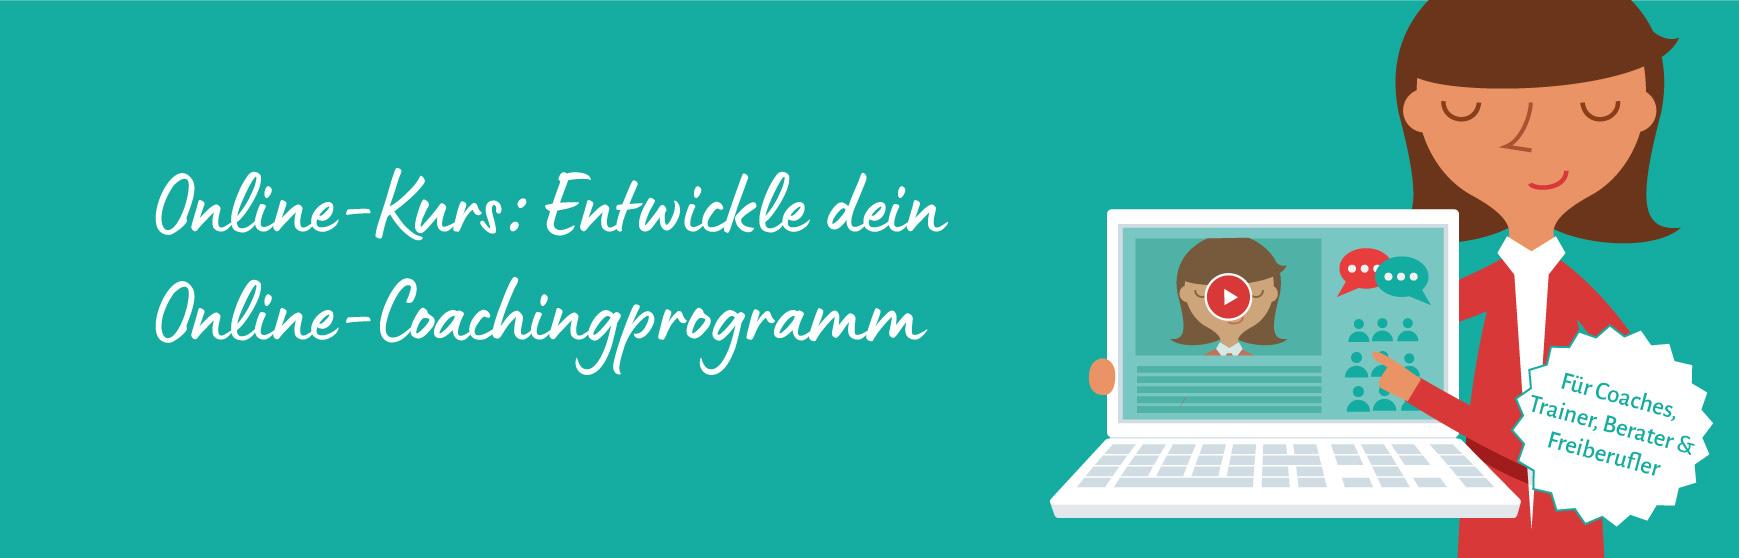 Entwickle dein eigenes Online-Coaching-Programm